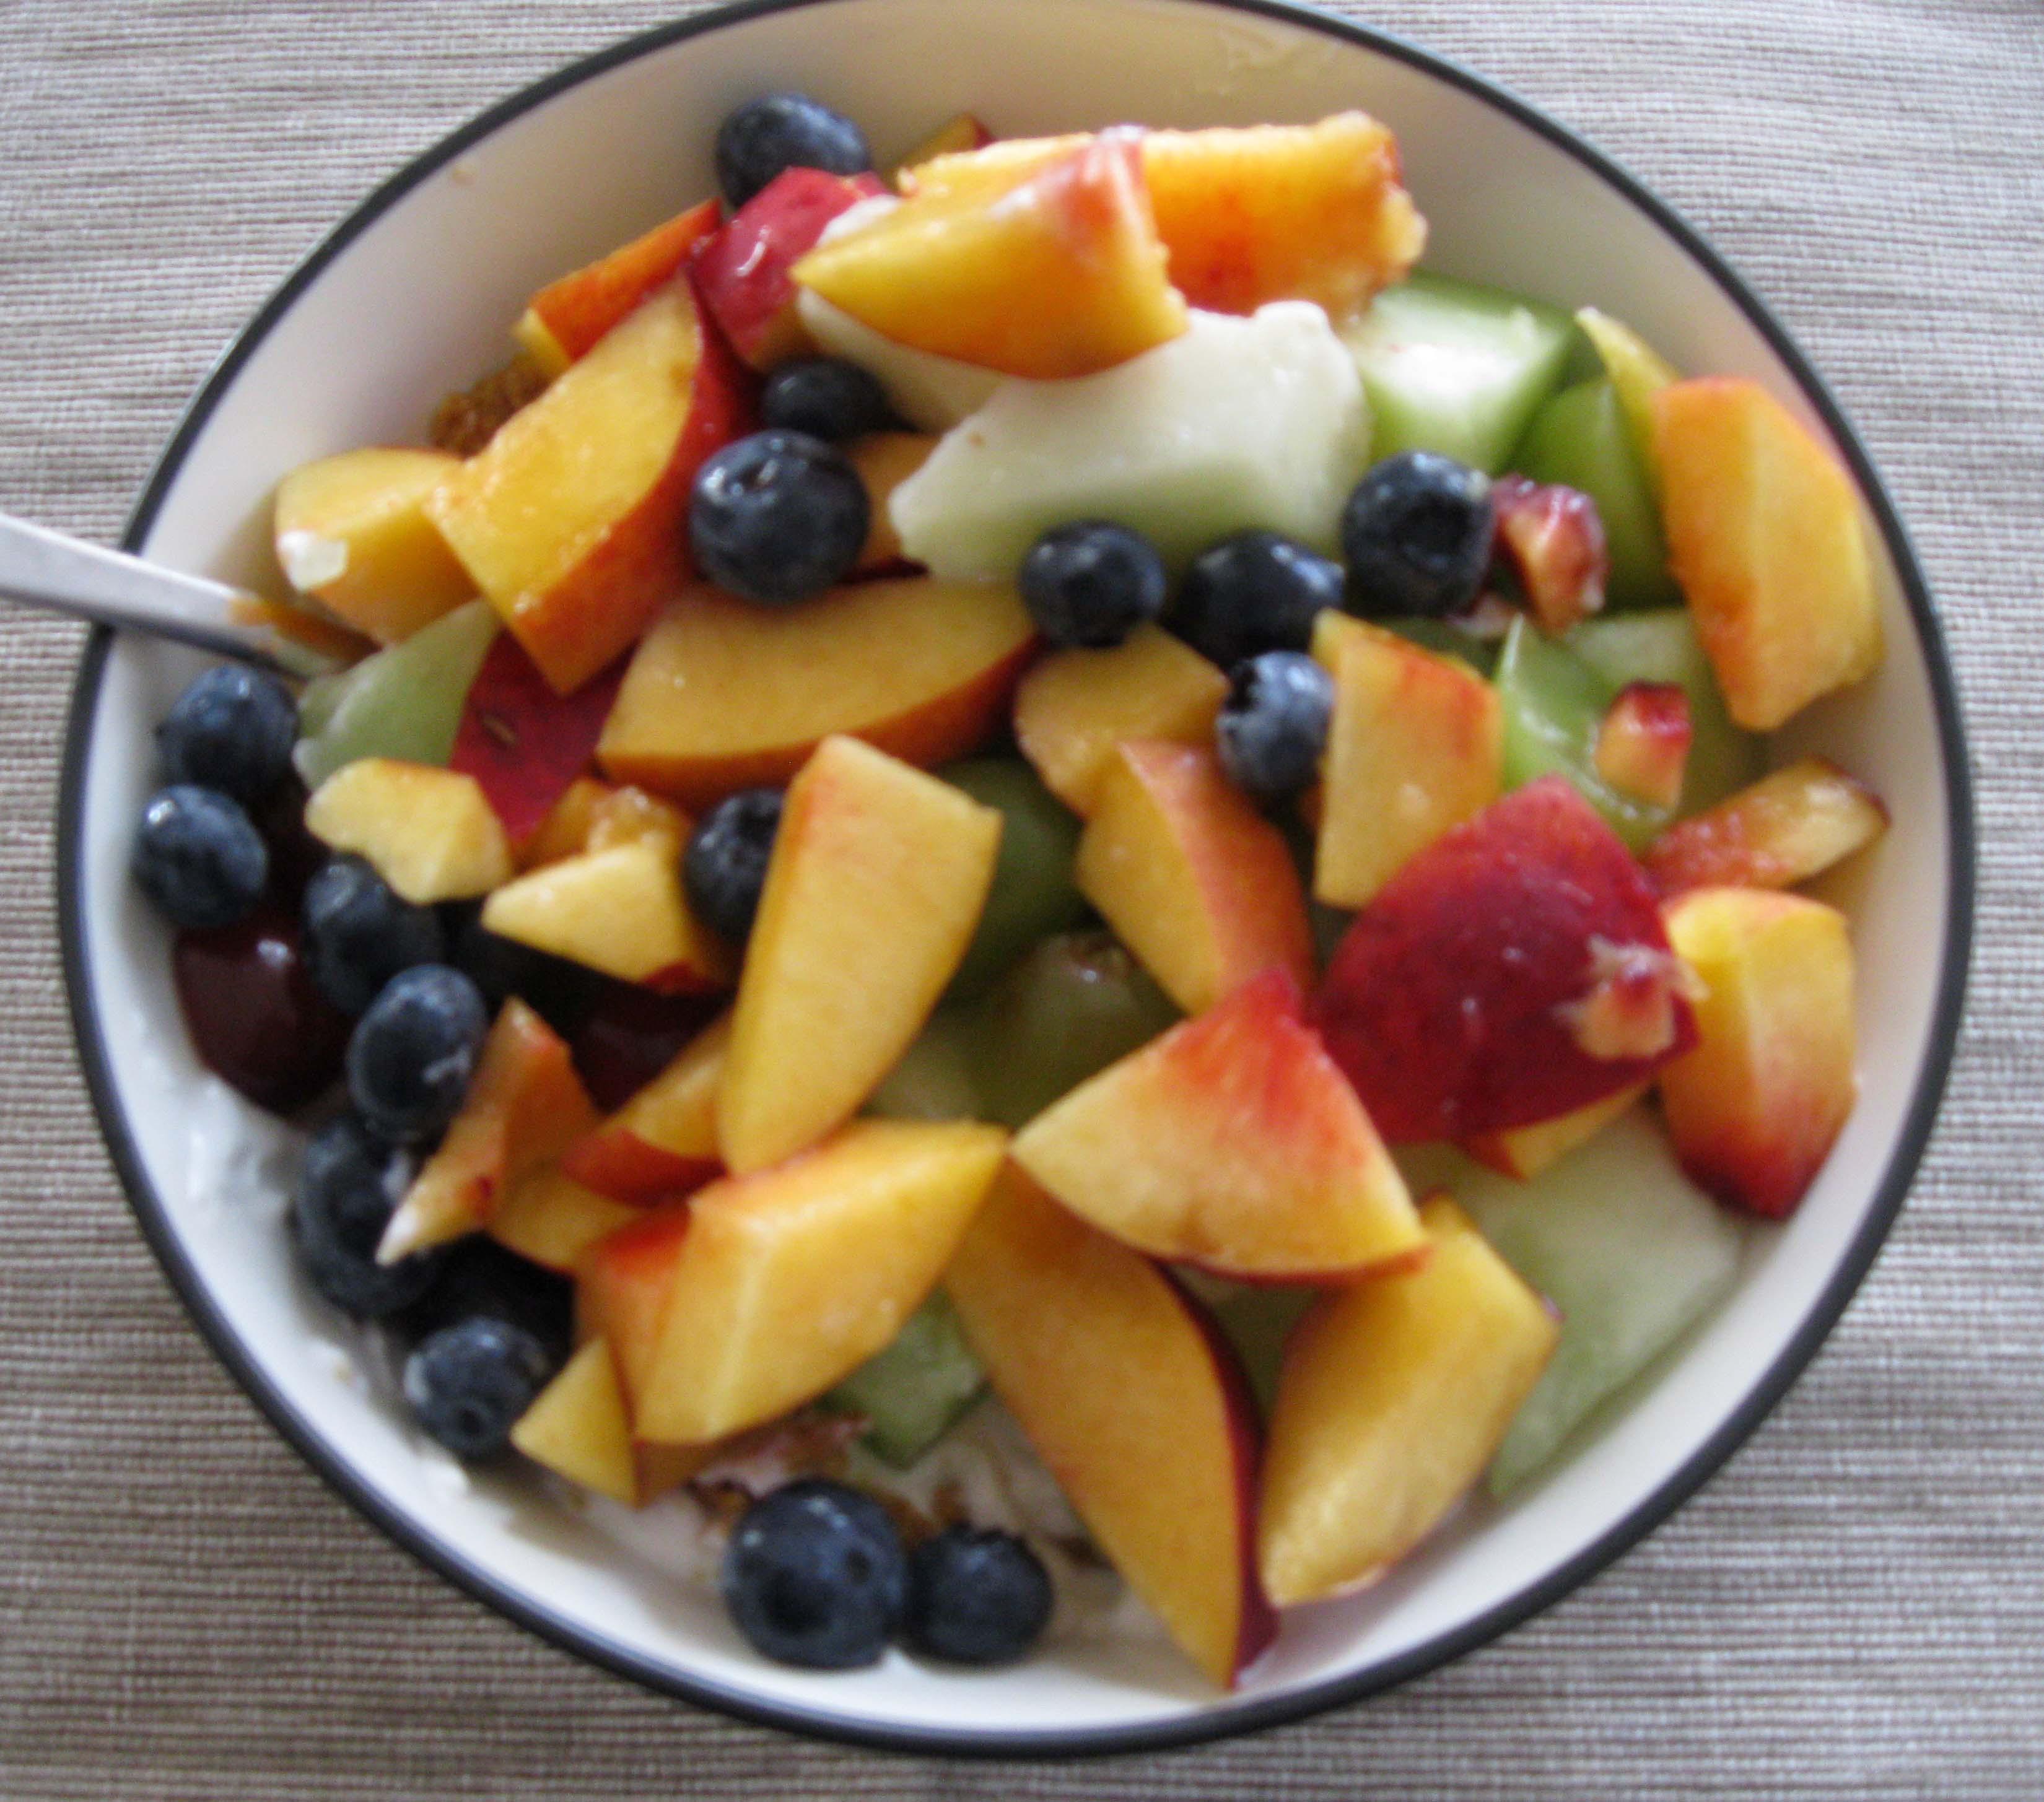 fruit salad Sept 2011 003